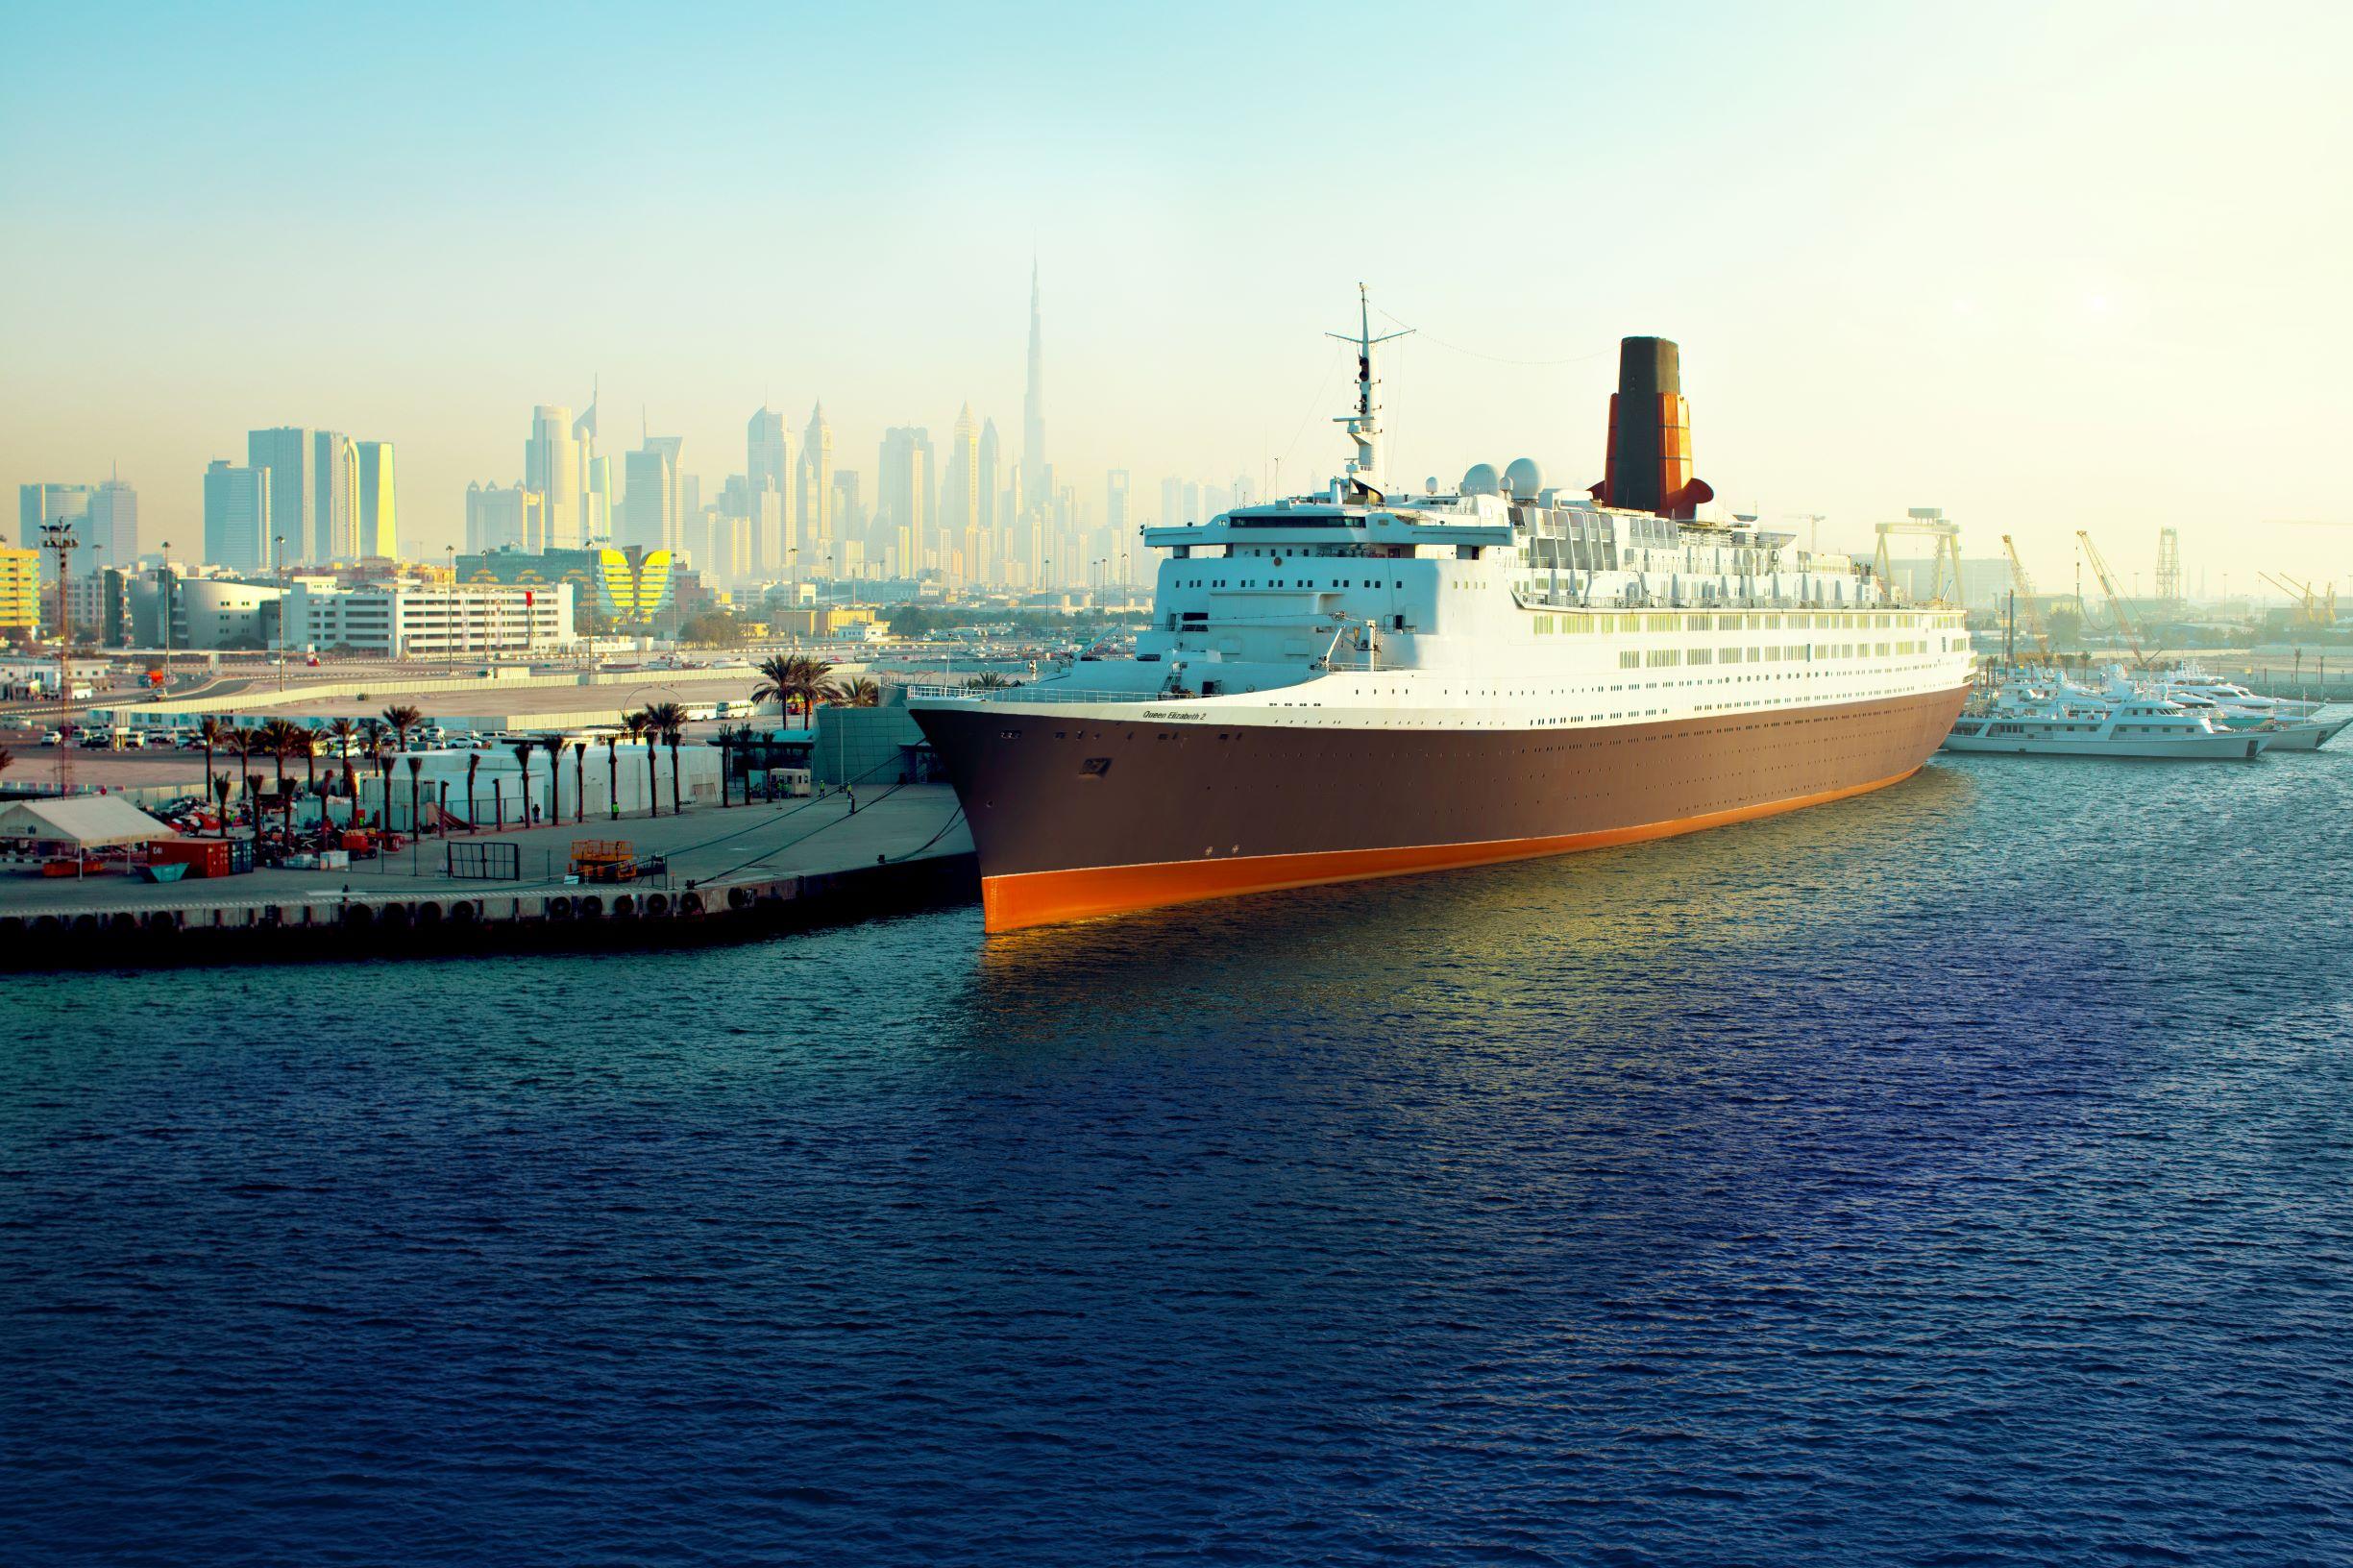 سفينة كوين إليزابيث 2 كيو إي تو